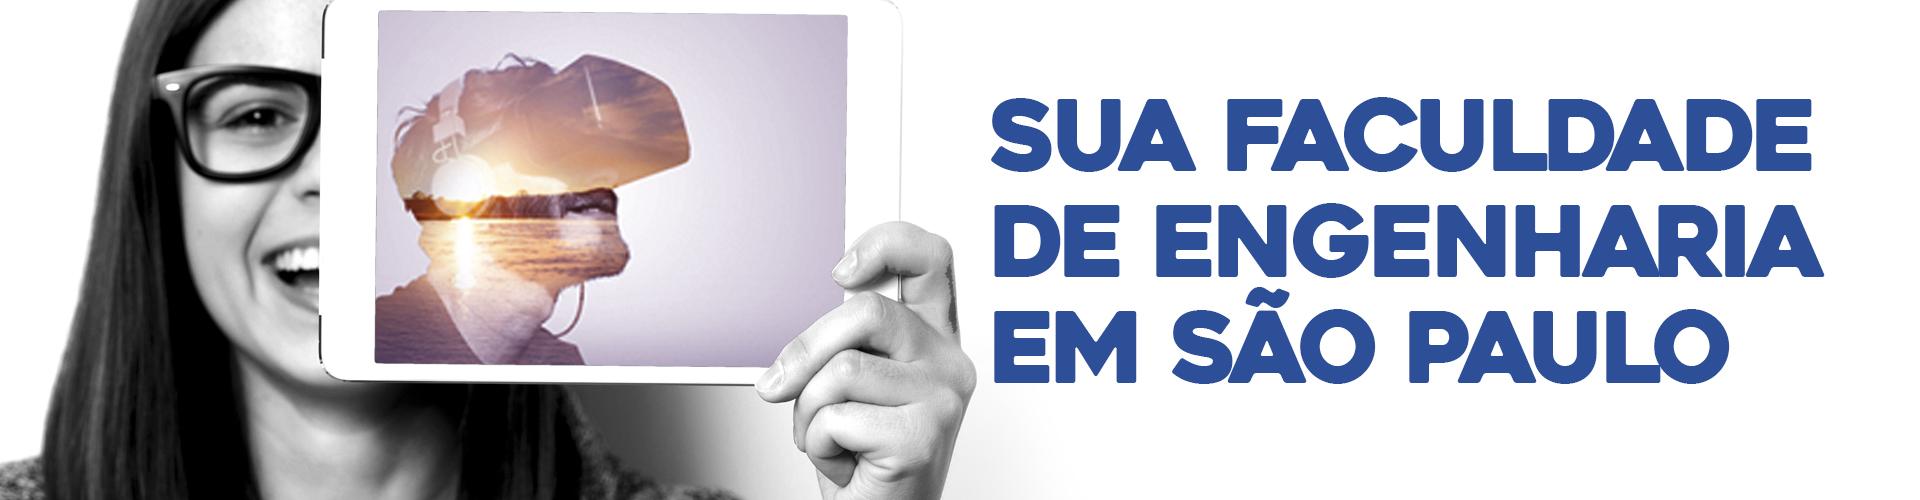 Engenharia em São Paulo - FTC